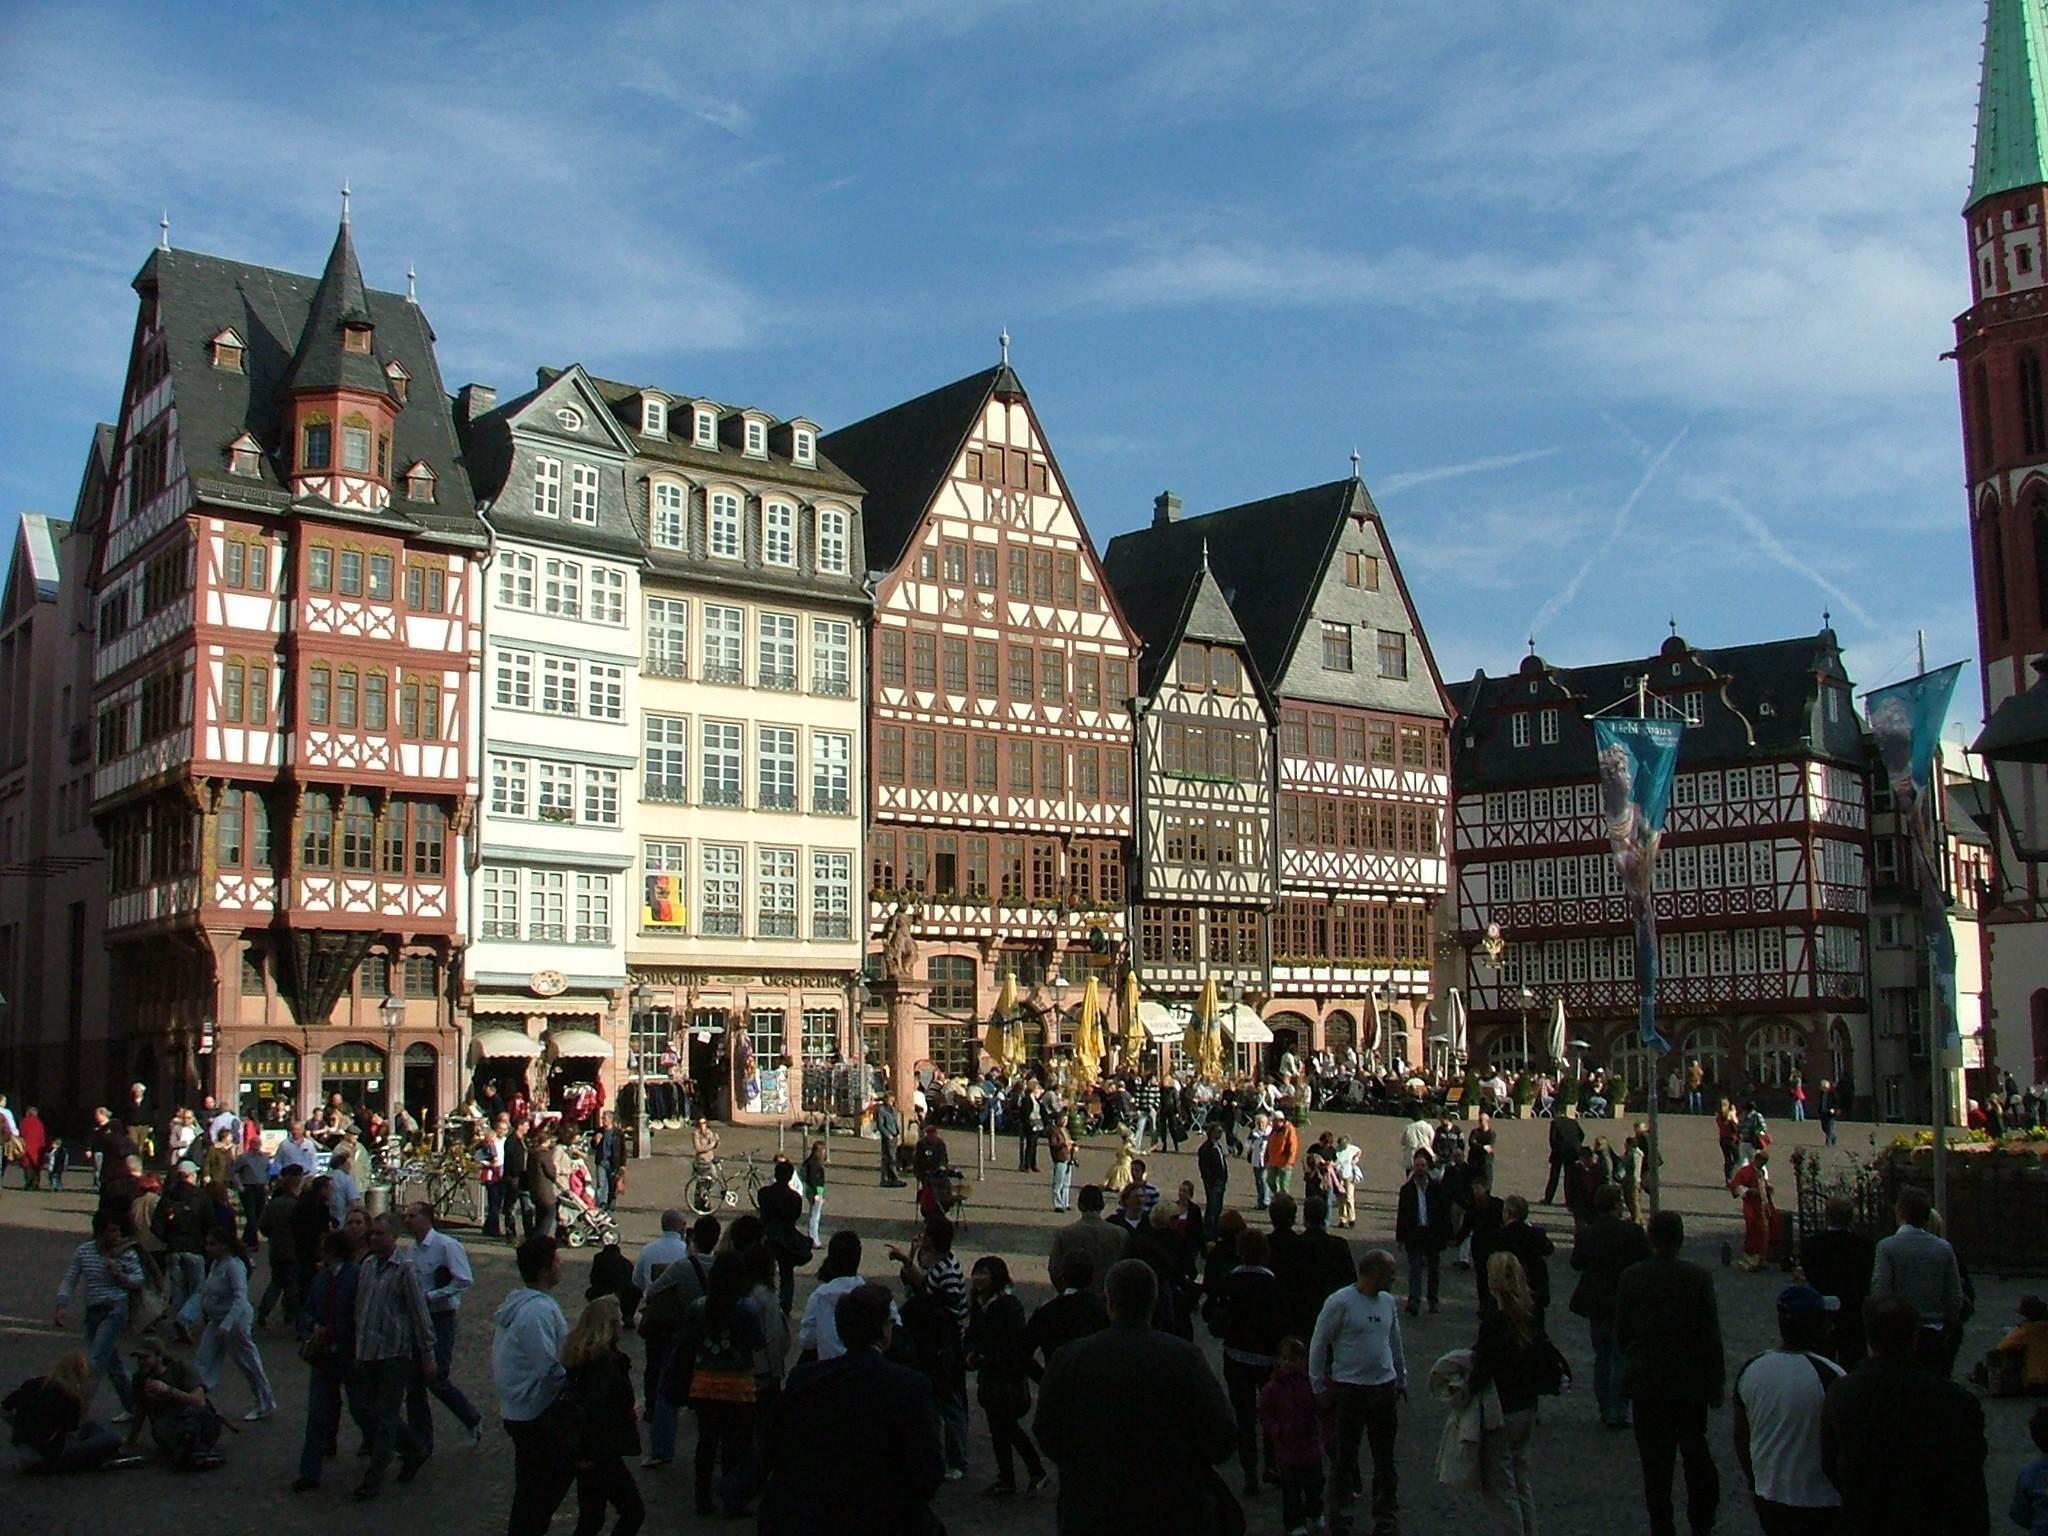 Tyskland er det land, hvor danskerne normalt har flest overnatninger. Her arkivfoto fra den gamle bydel i Frankfurt, foto: Henrik Baumgarten.